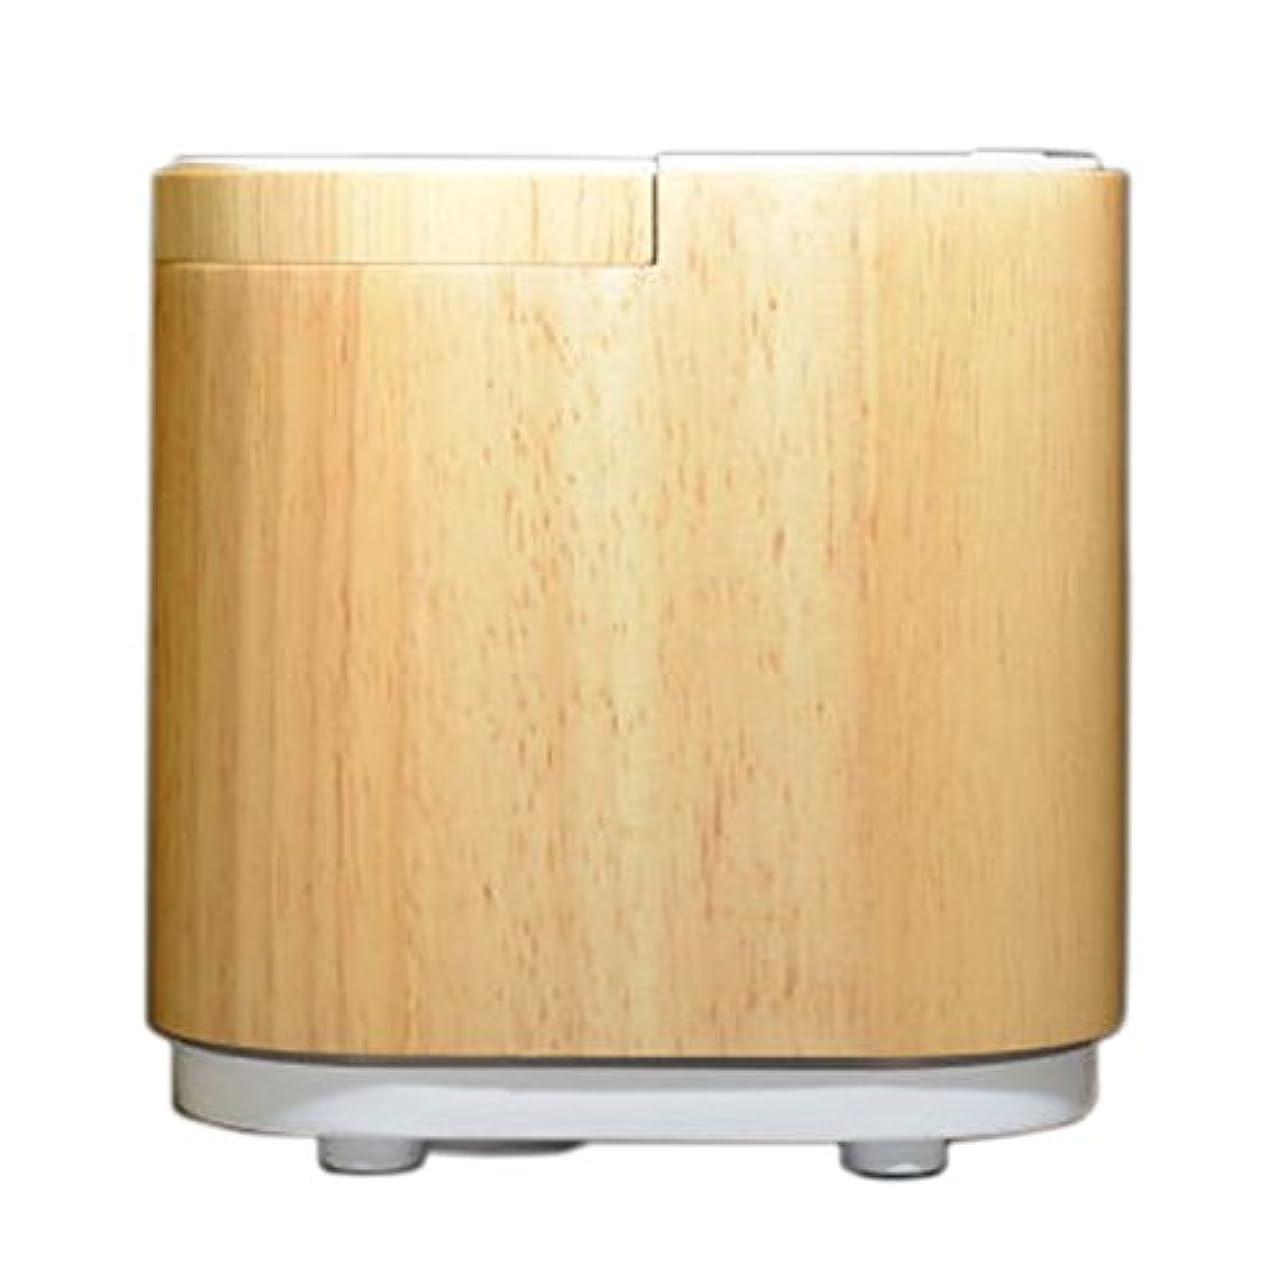 行為アジテーション騒々しい生活の木 アロモアウッド [aromore] エッセンシャルオイルディフューザー アロマディフューザー